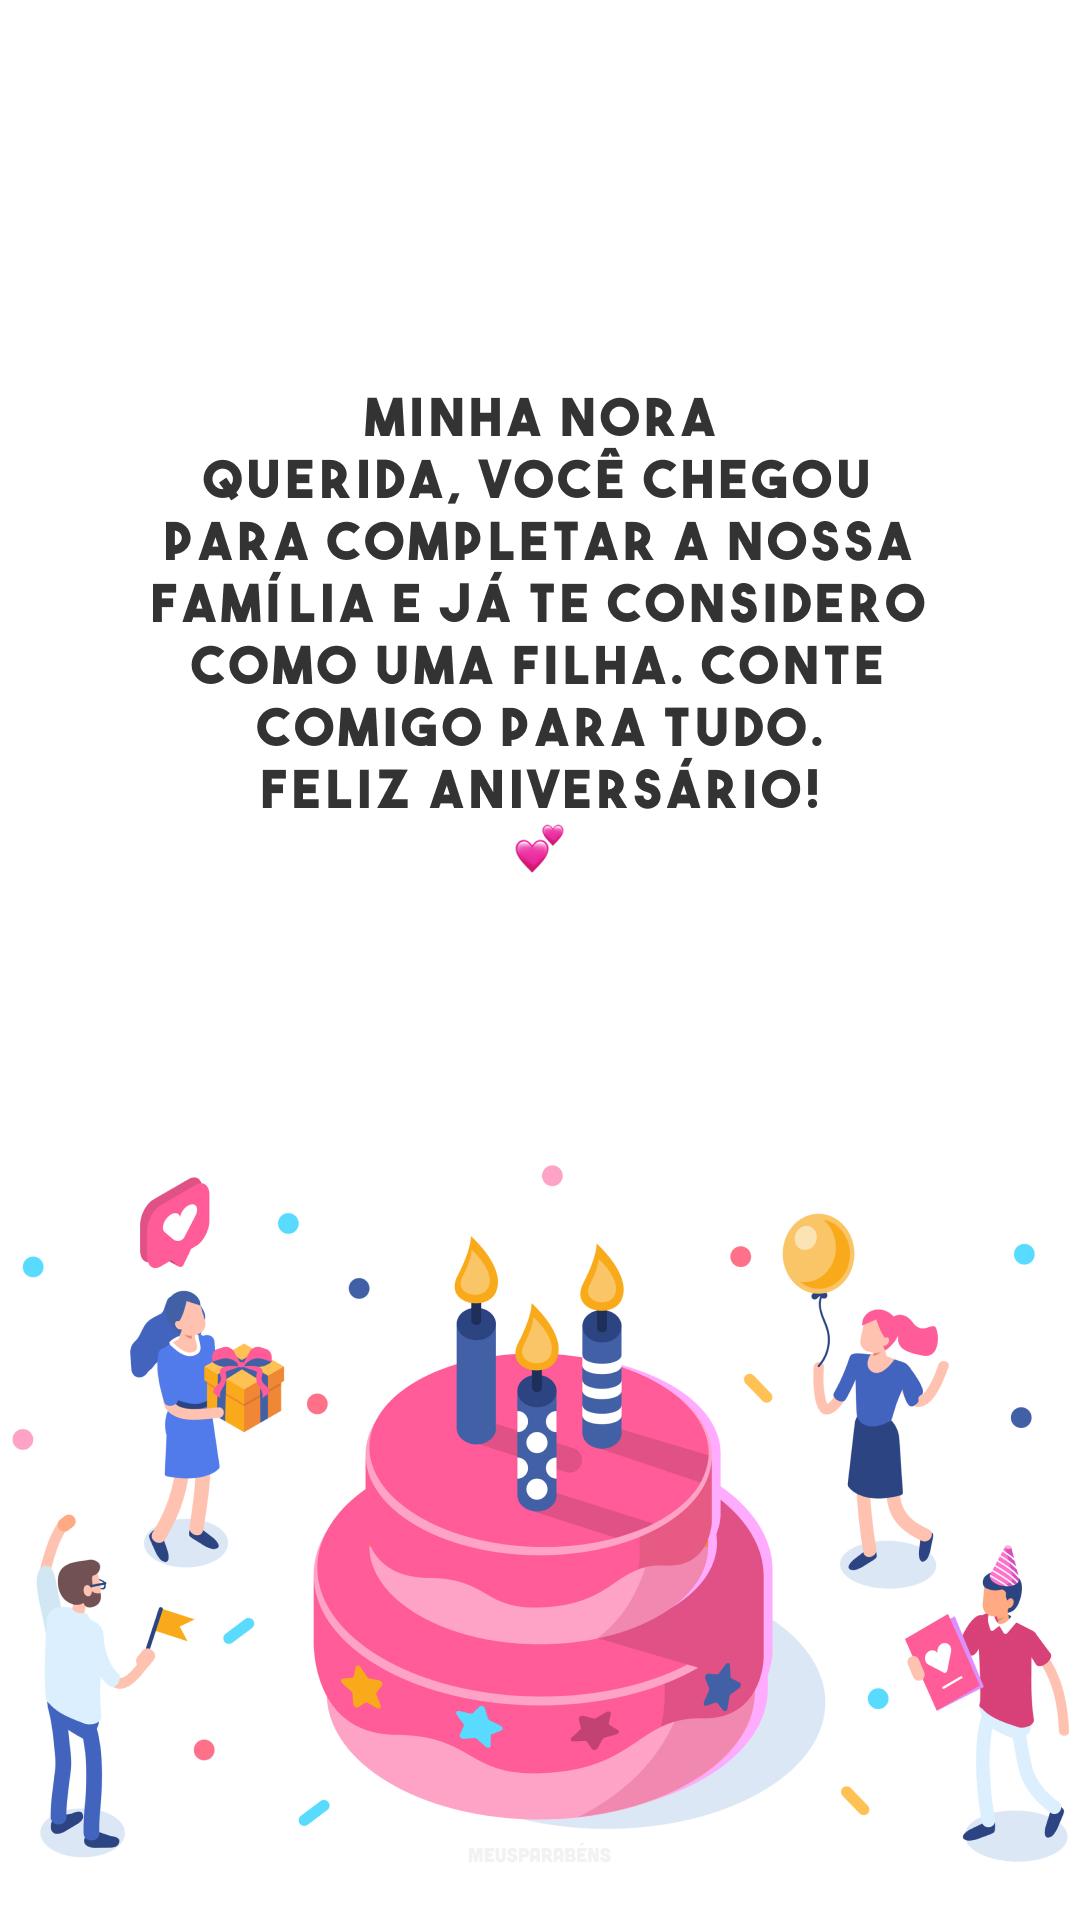 Minha nora querida, você chegou para completar a nossa família e já te considero como uma filha. Conte comigo para tudo. Feliz aniversário! 💕